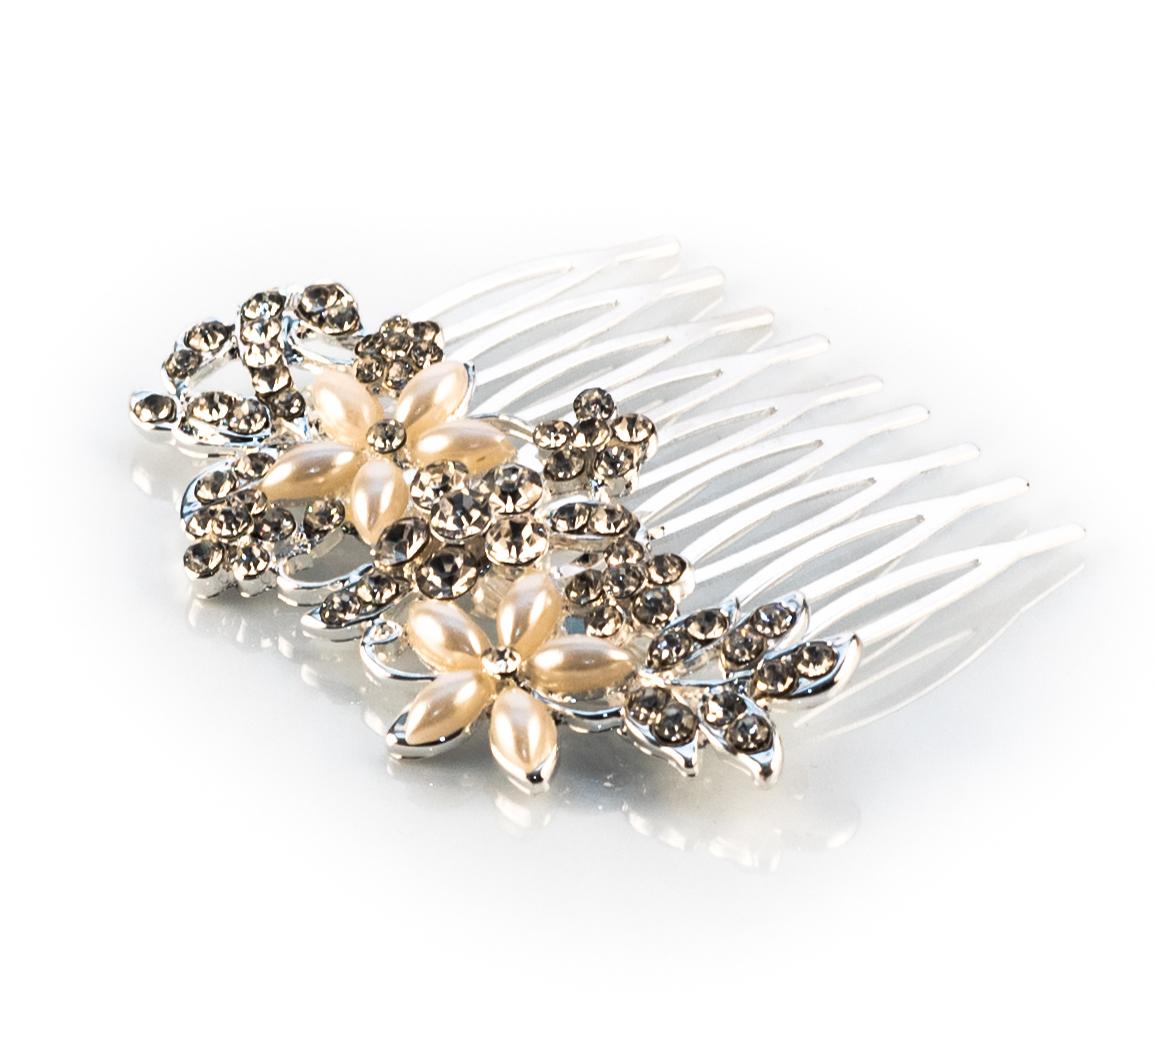 Rhinestone Pearl Floral Comb - Siver Tone